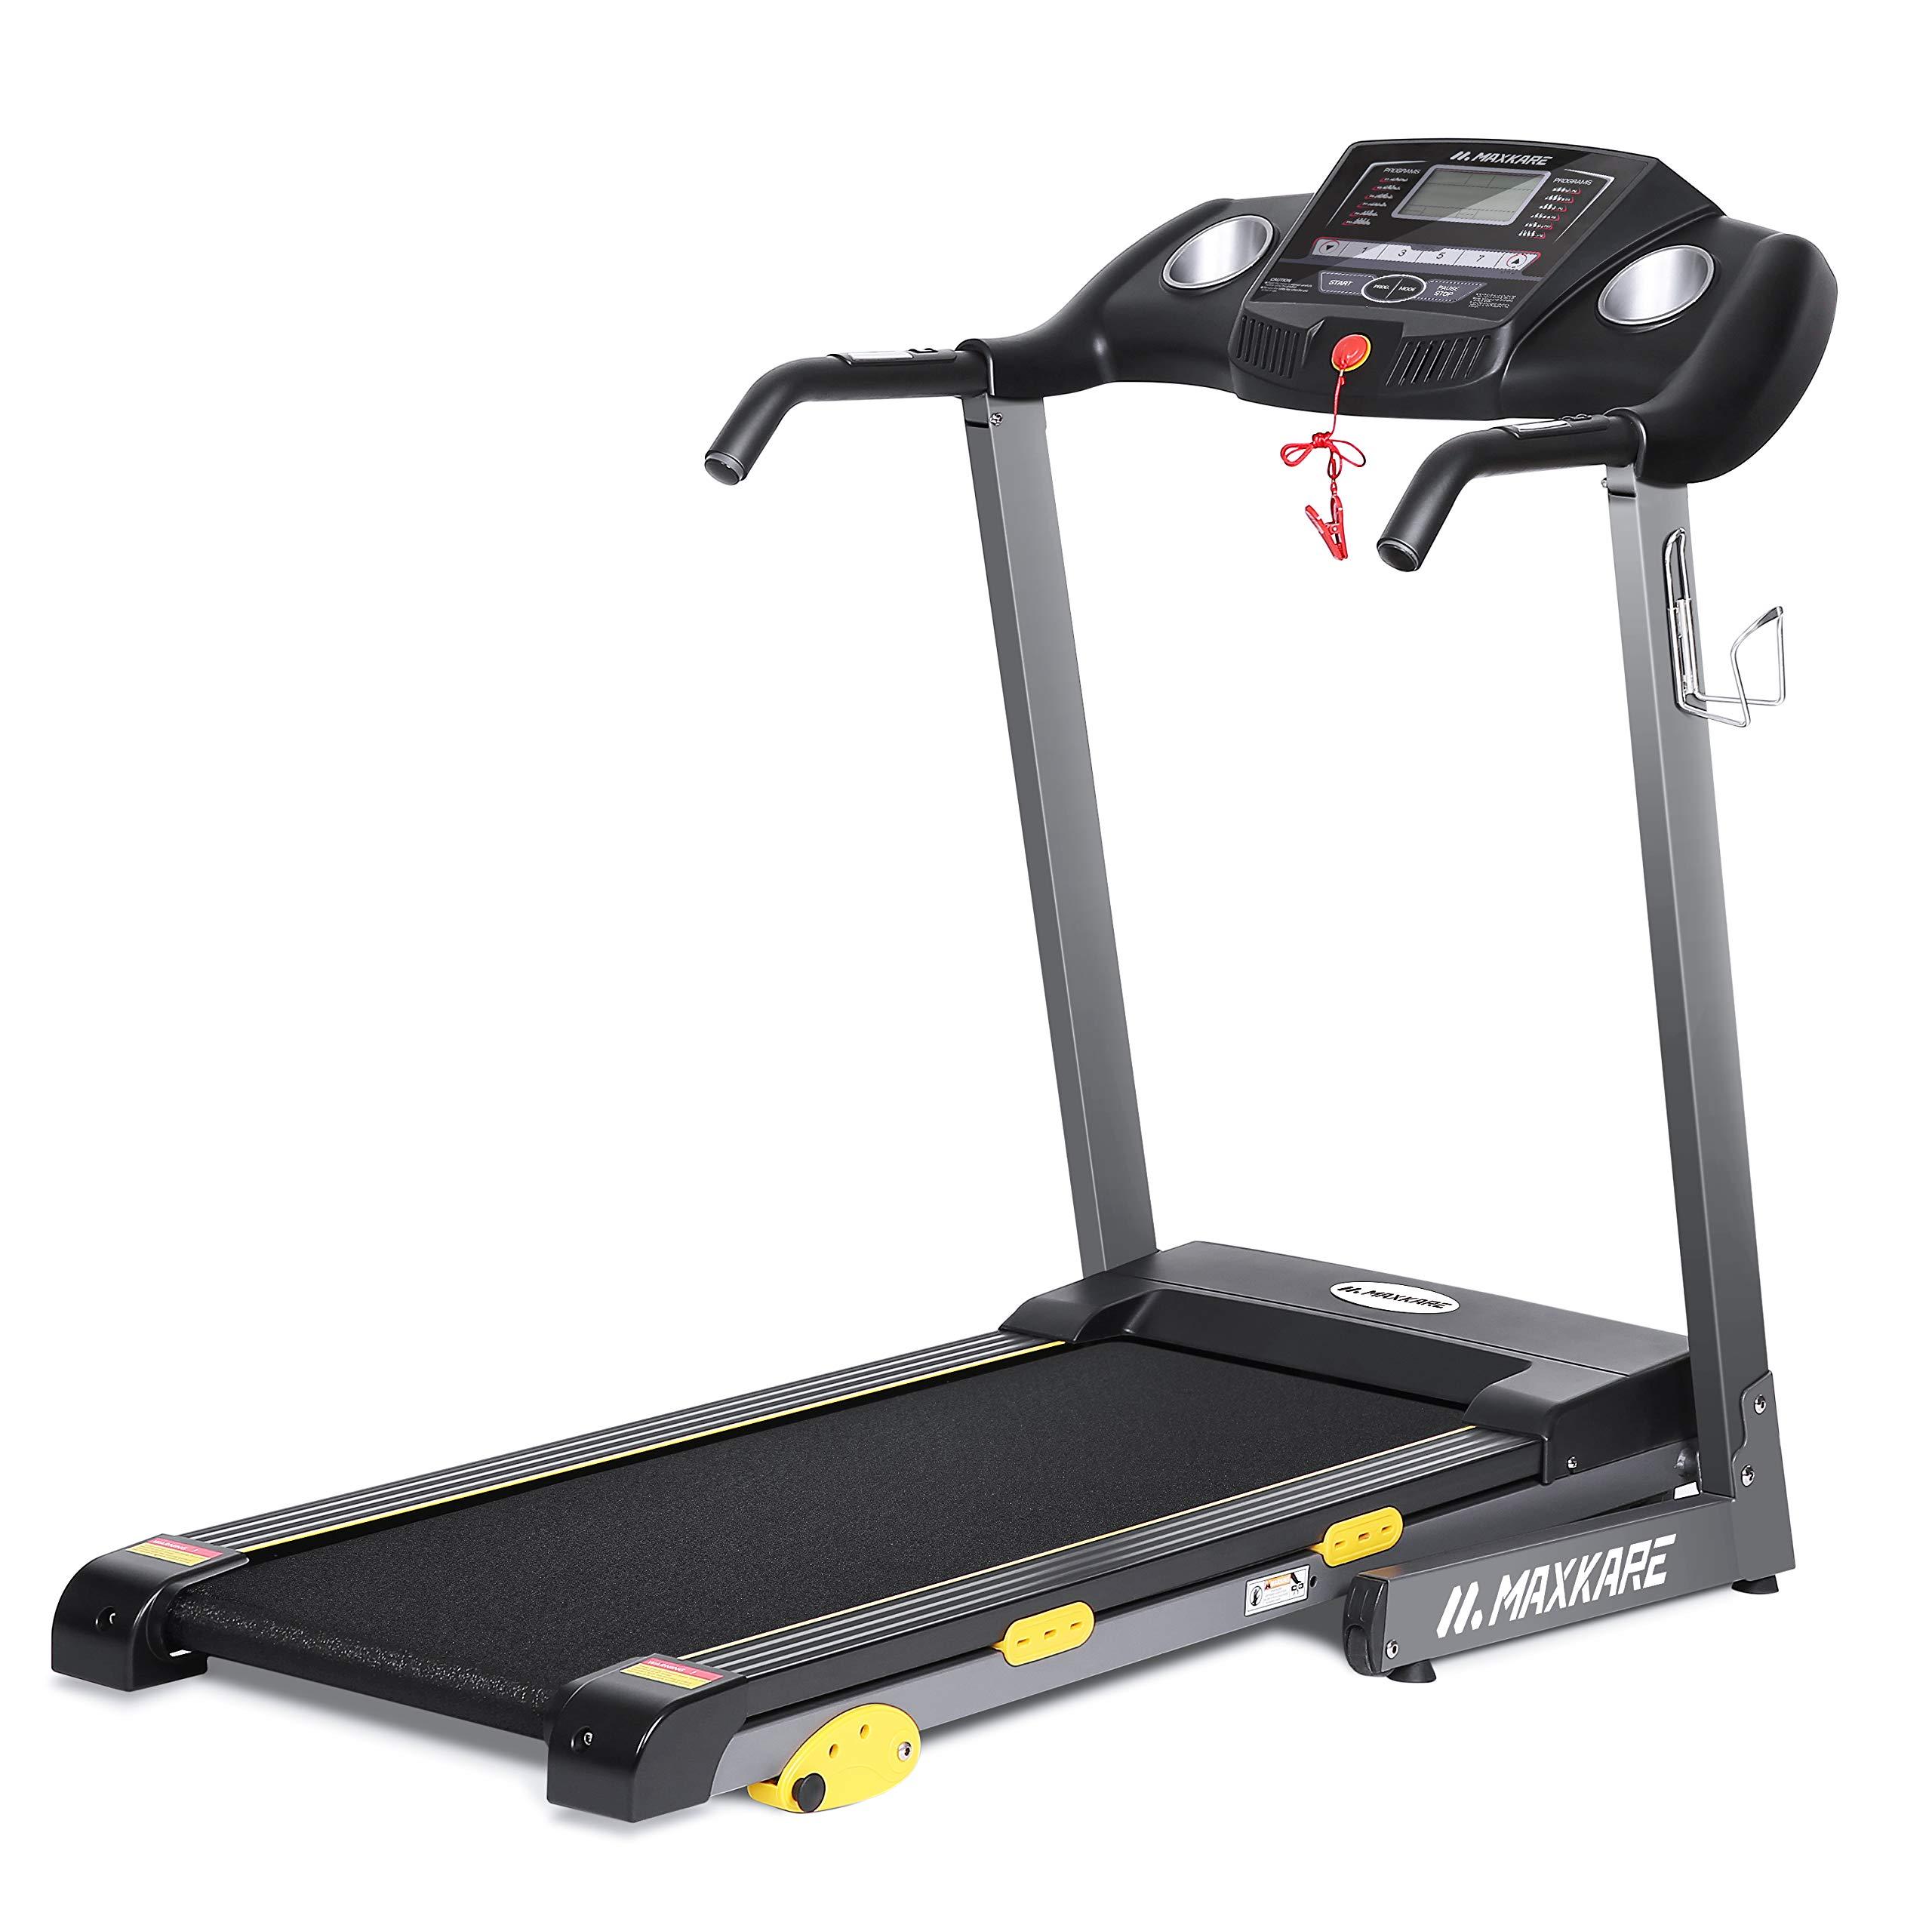 MaxKare Treadmill Pre Set Programs Assembly